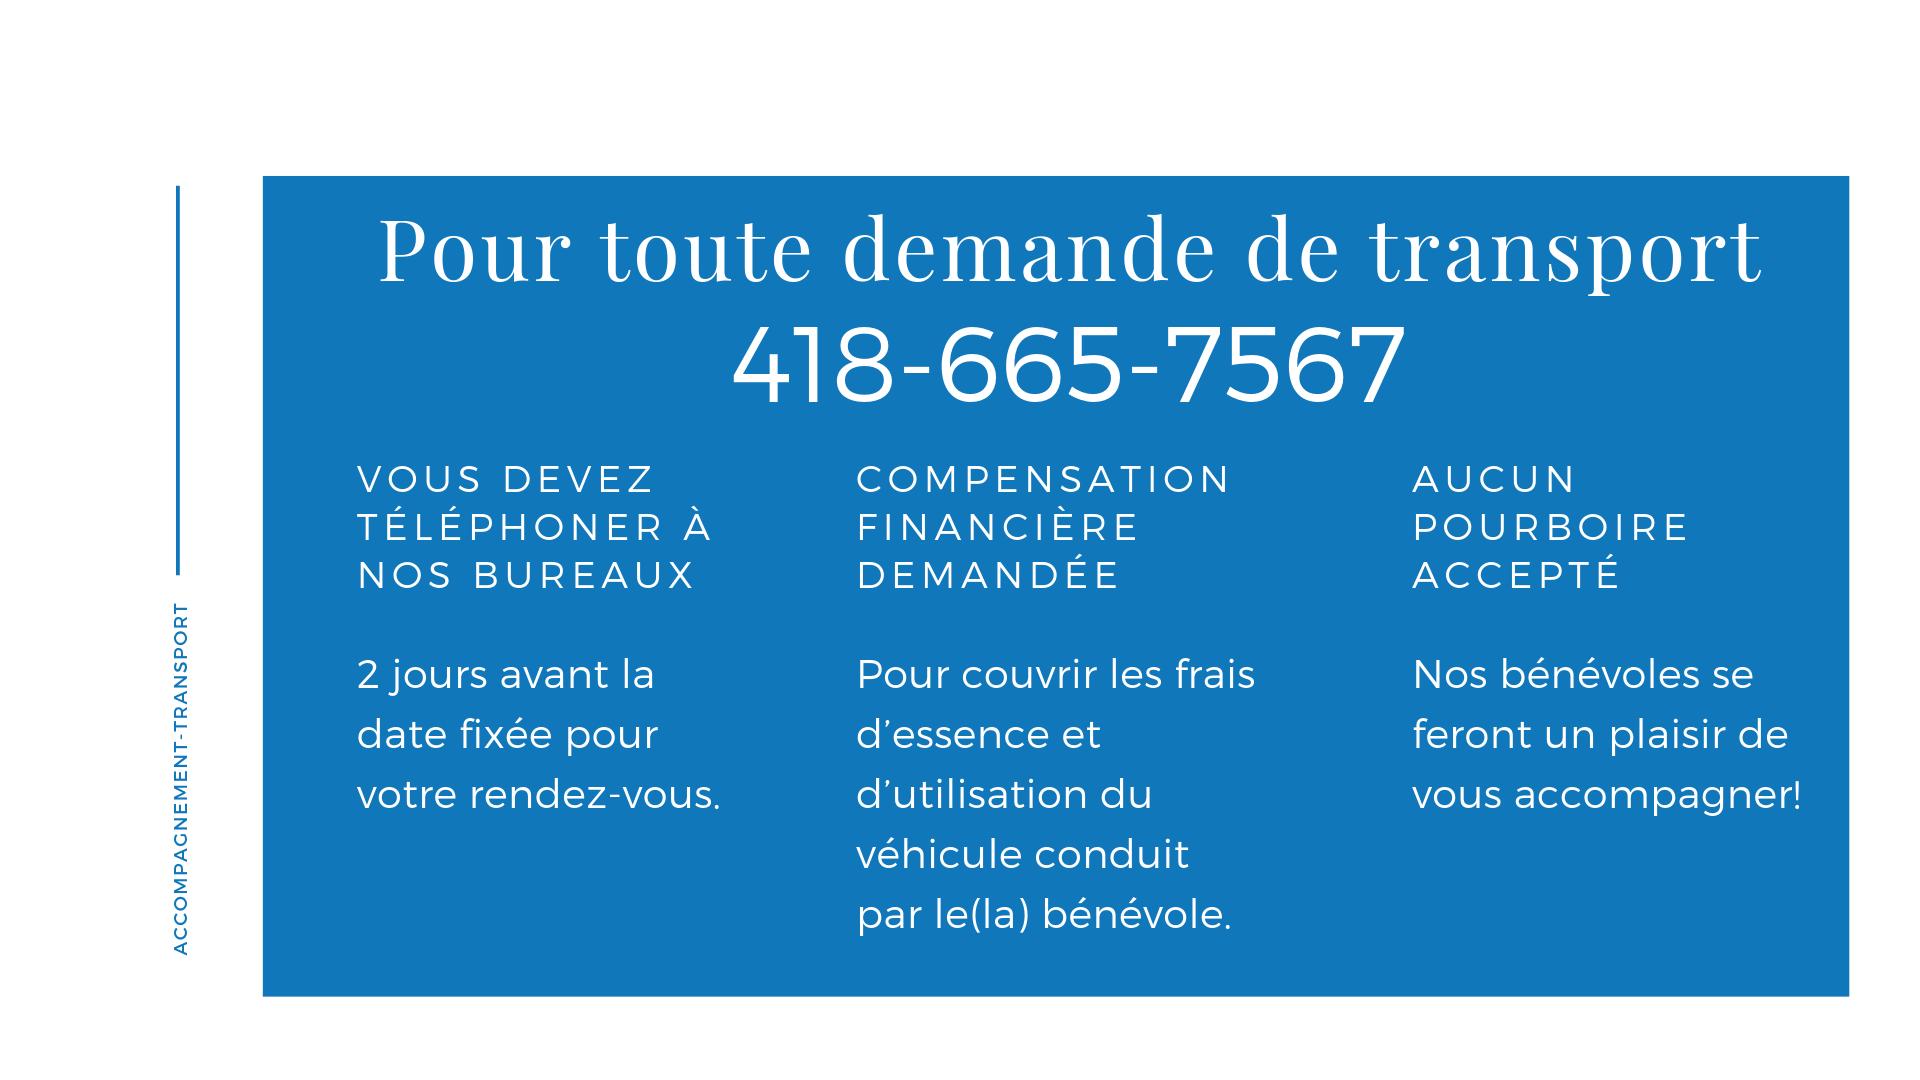 5 pour toute demande de transport telephoner au centre d action benevole